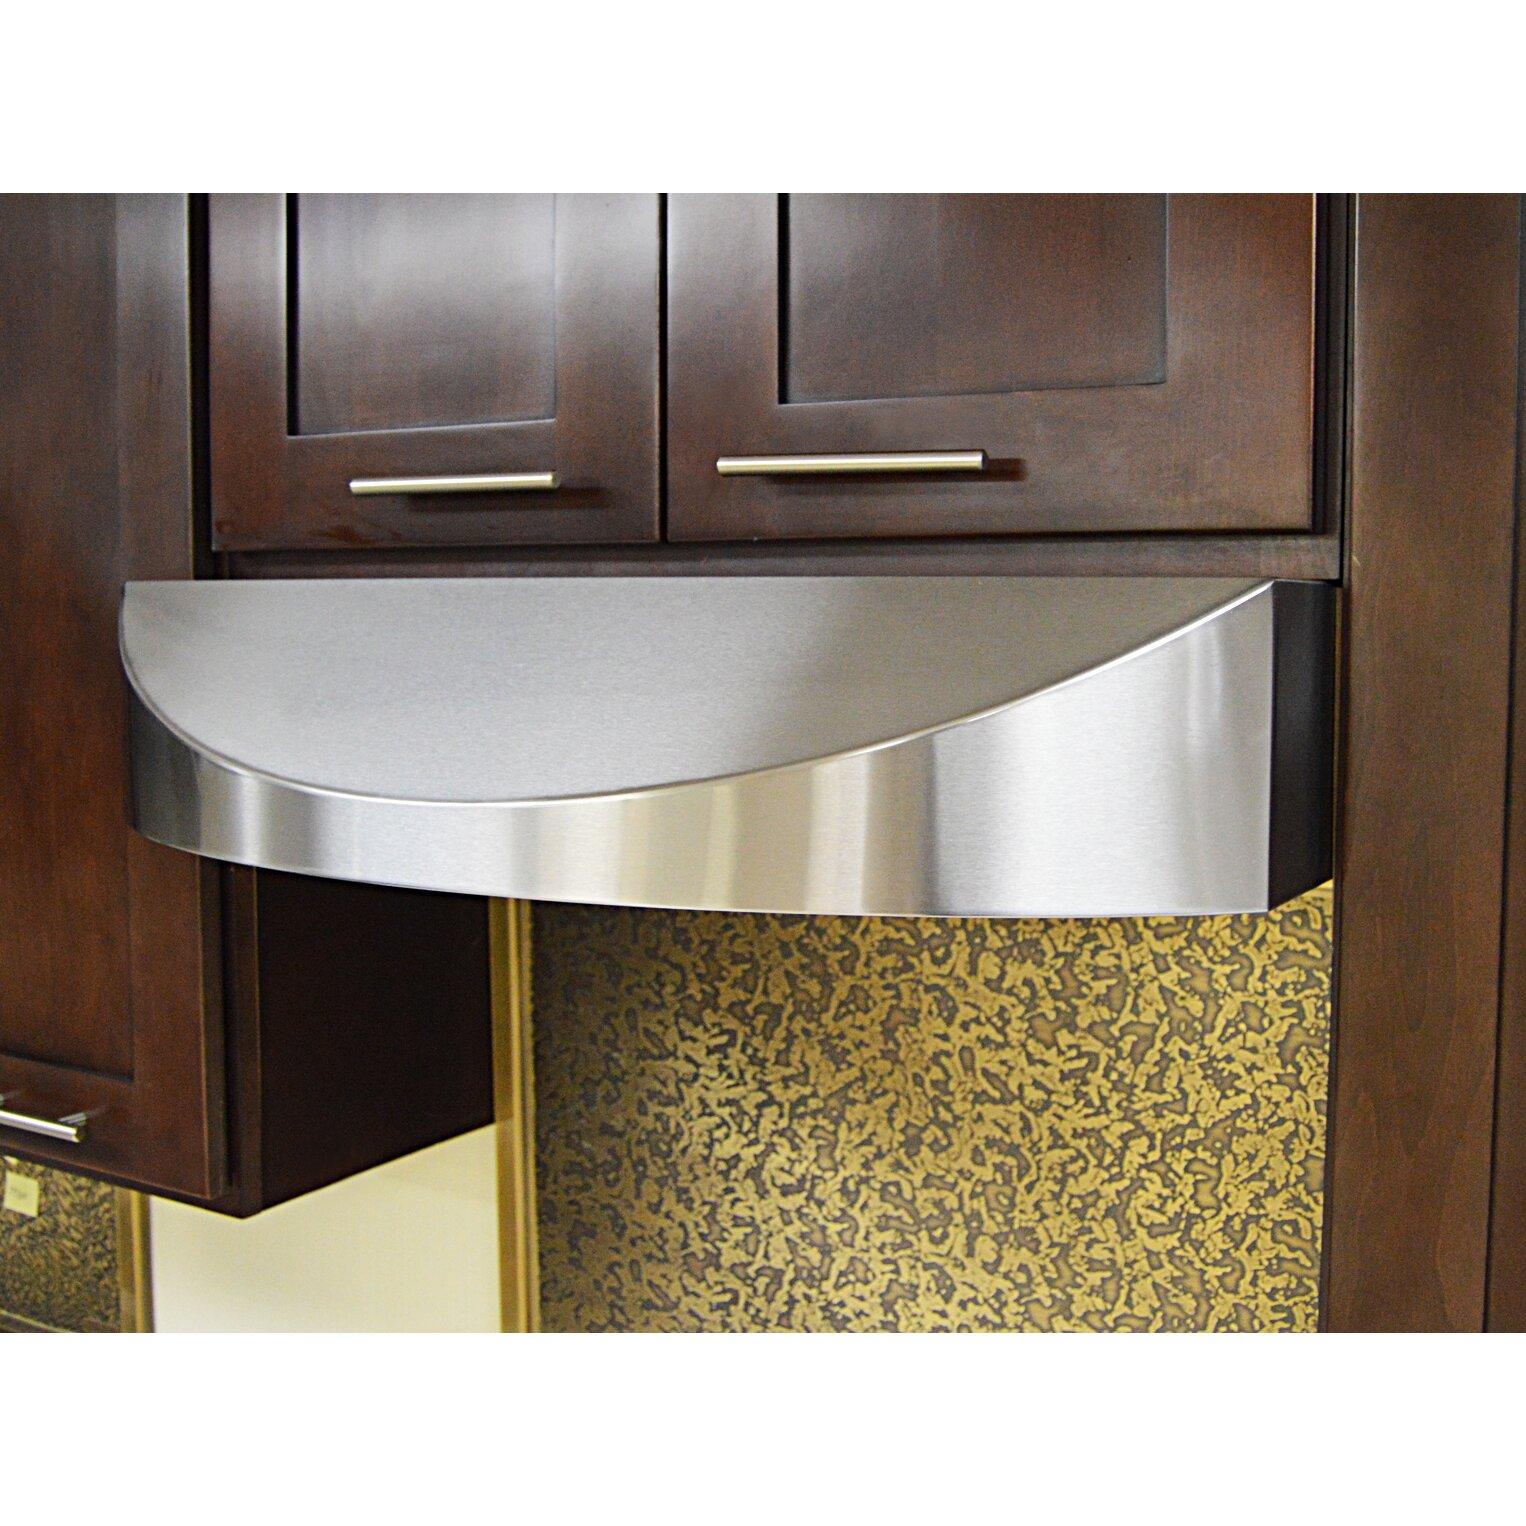 kobe range hoods brillia 30 650 cfm ducted under cabinet range hood reviews wayfair. Black Bedroom Furniture Sets. Home Design Ideas